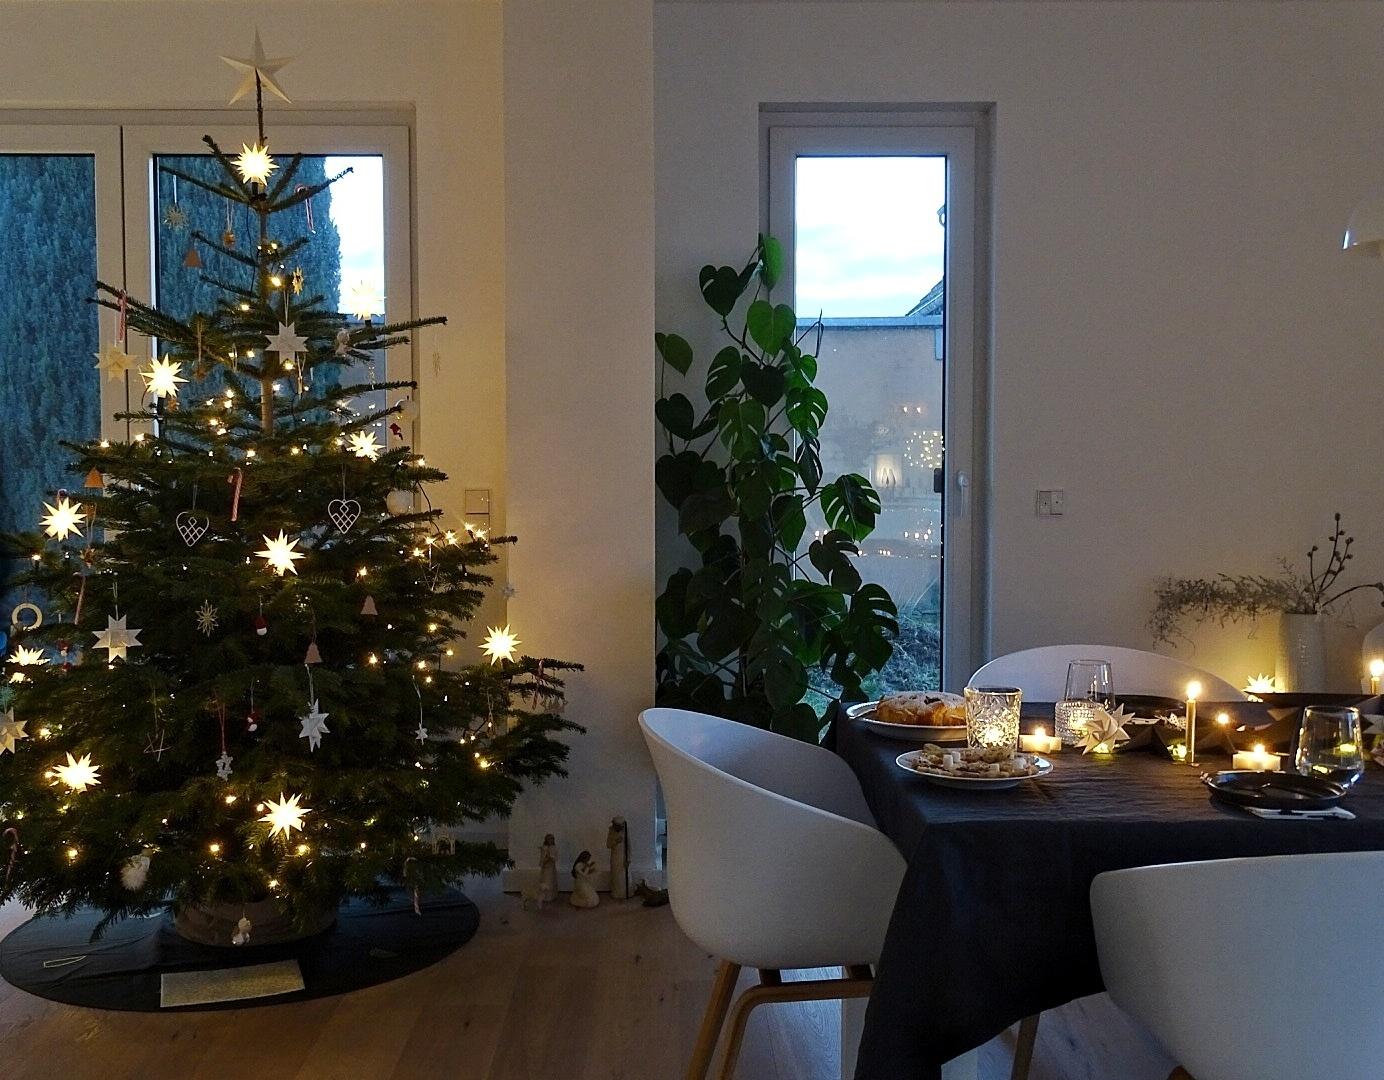 Weihnachtliche Tischdeko-Idee 'In sternklarer Nacht' mit Schwarz, Gold, vielen Kerzen & Sternen | mammilade.com